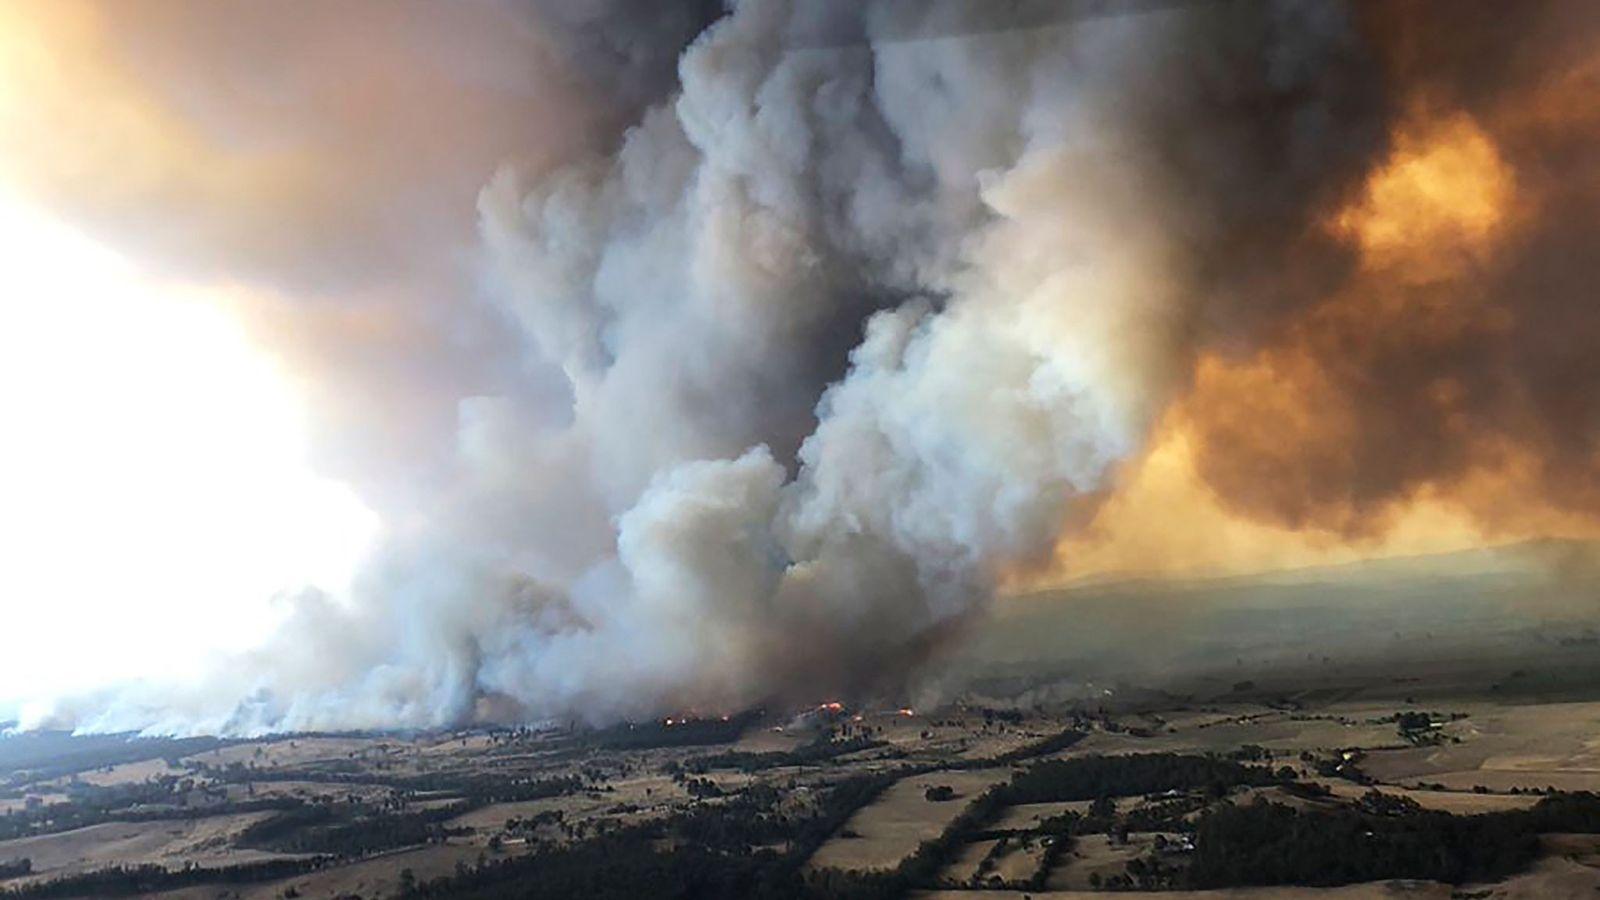 El 30 de diciembre de 2019, se desataron grandes incendios forestales en Bairnsdale, Australia. Miles de ...